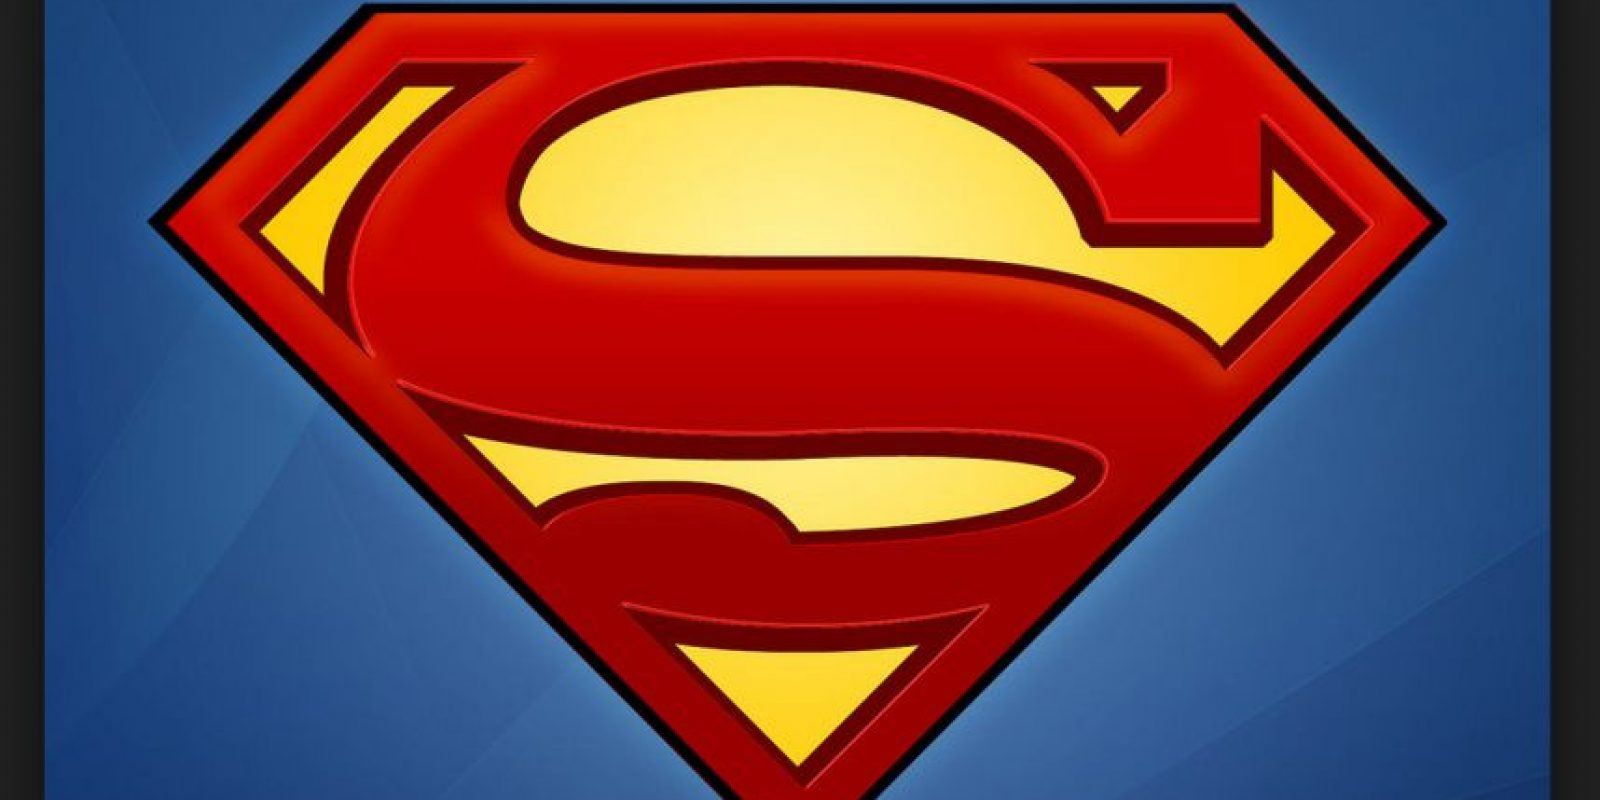 Es un personaje ficticio, un superhéroe de los cómics que aparece en las publicaciones de DC Comics Foto:flickr.com/photos/dangergraphics/